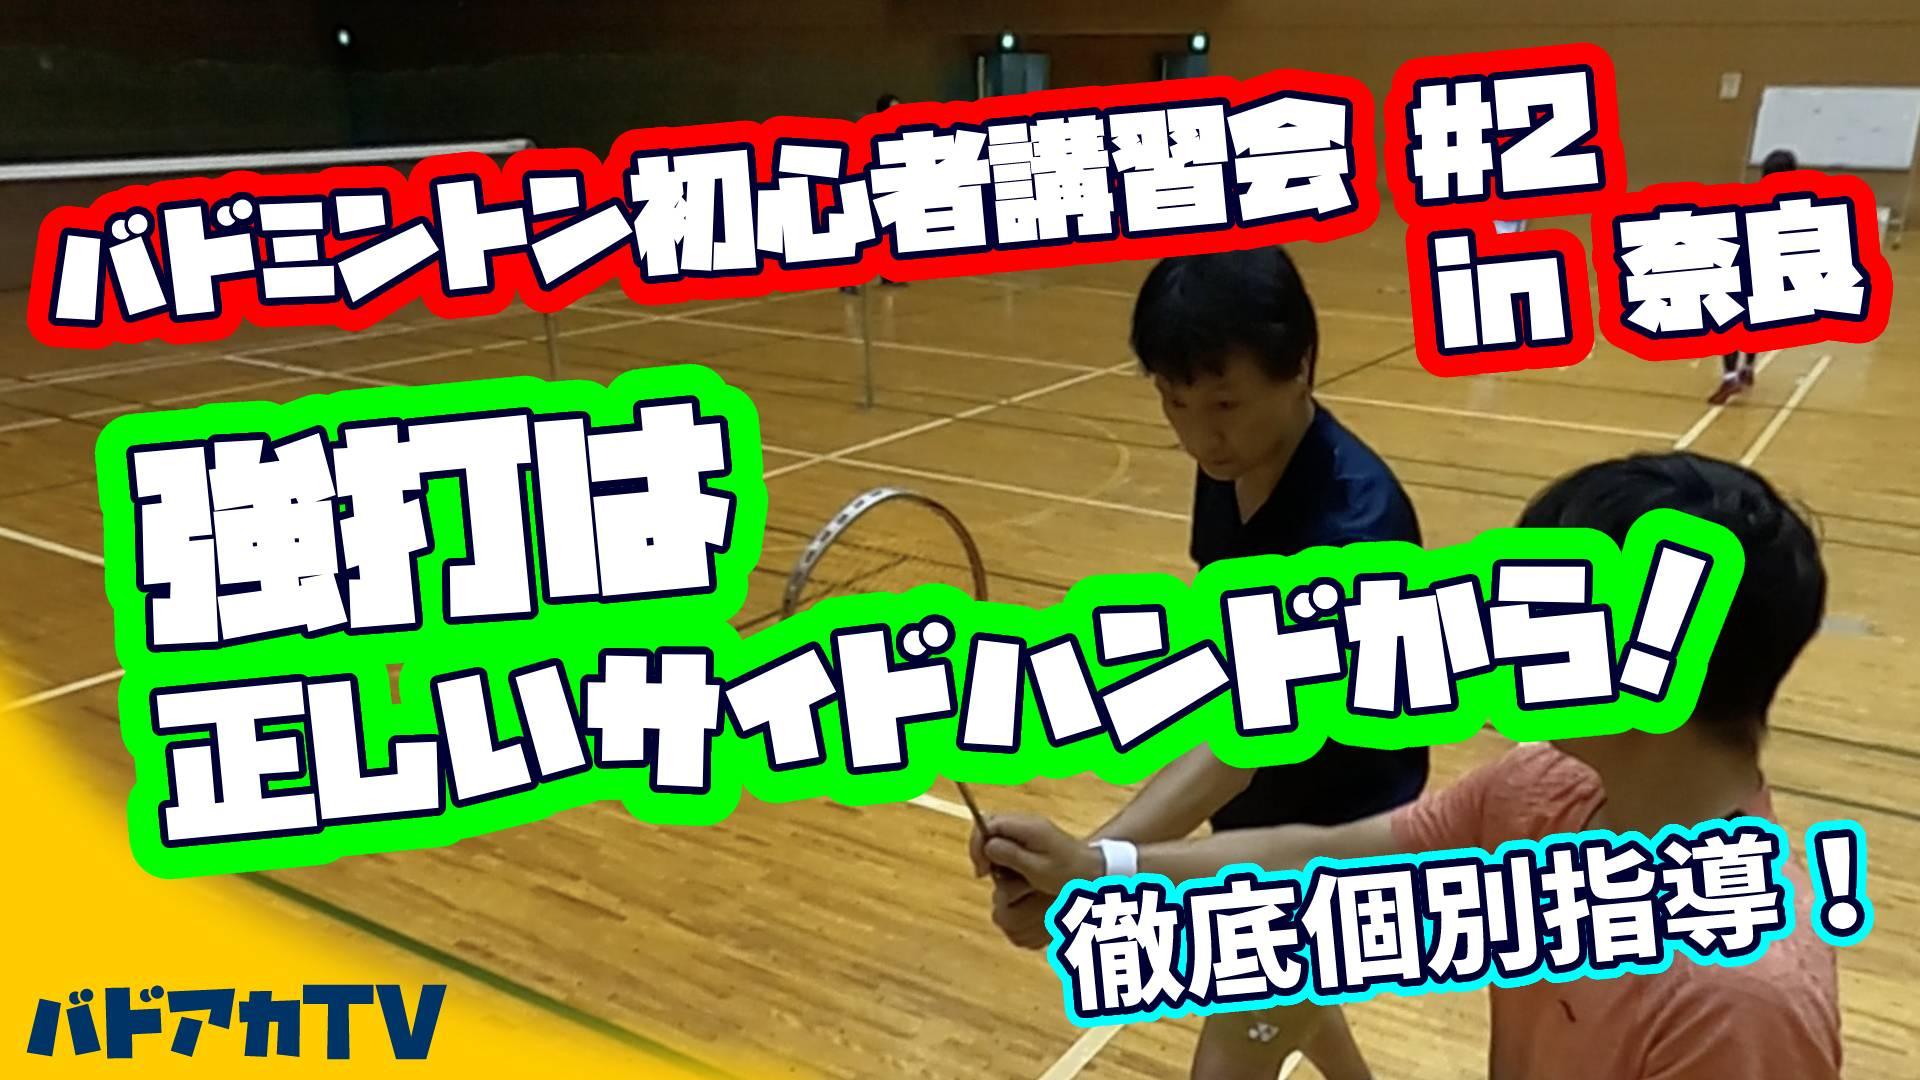 初心者講習会#2 強打の元!サイドハンドの取得!